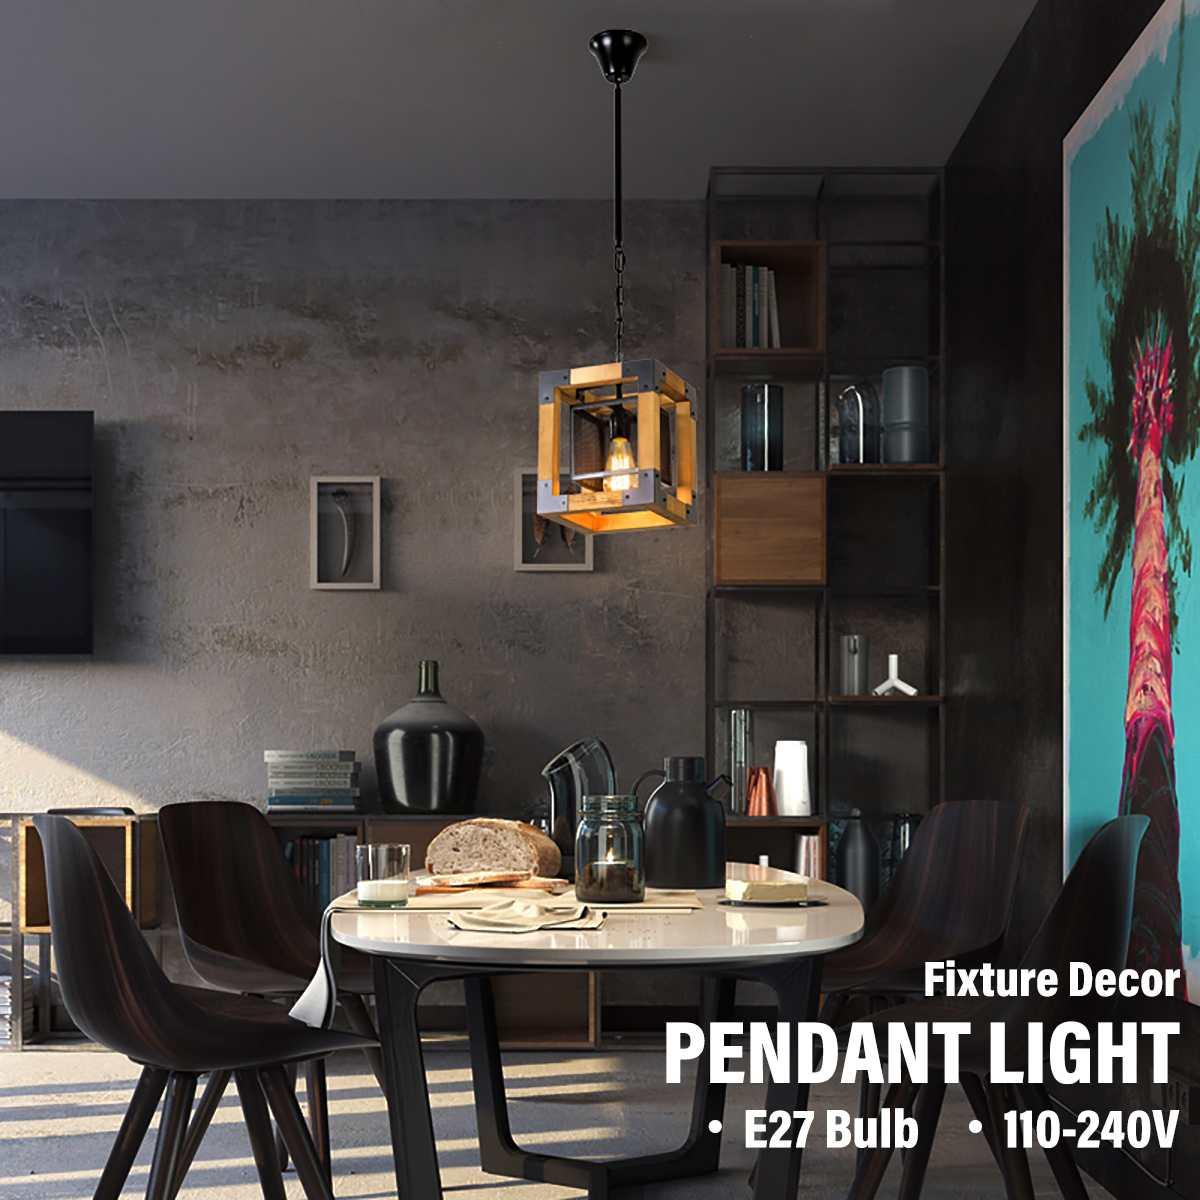 الأمريكية لوفت الصناعية نمط خشب متين قلادة ضوء الحديد المطاوع E27 مصباح لغرفة الطعام بار مقهى غرفة المعيشة الديكور